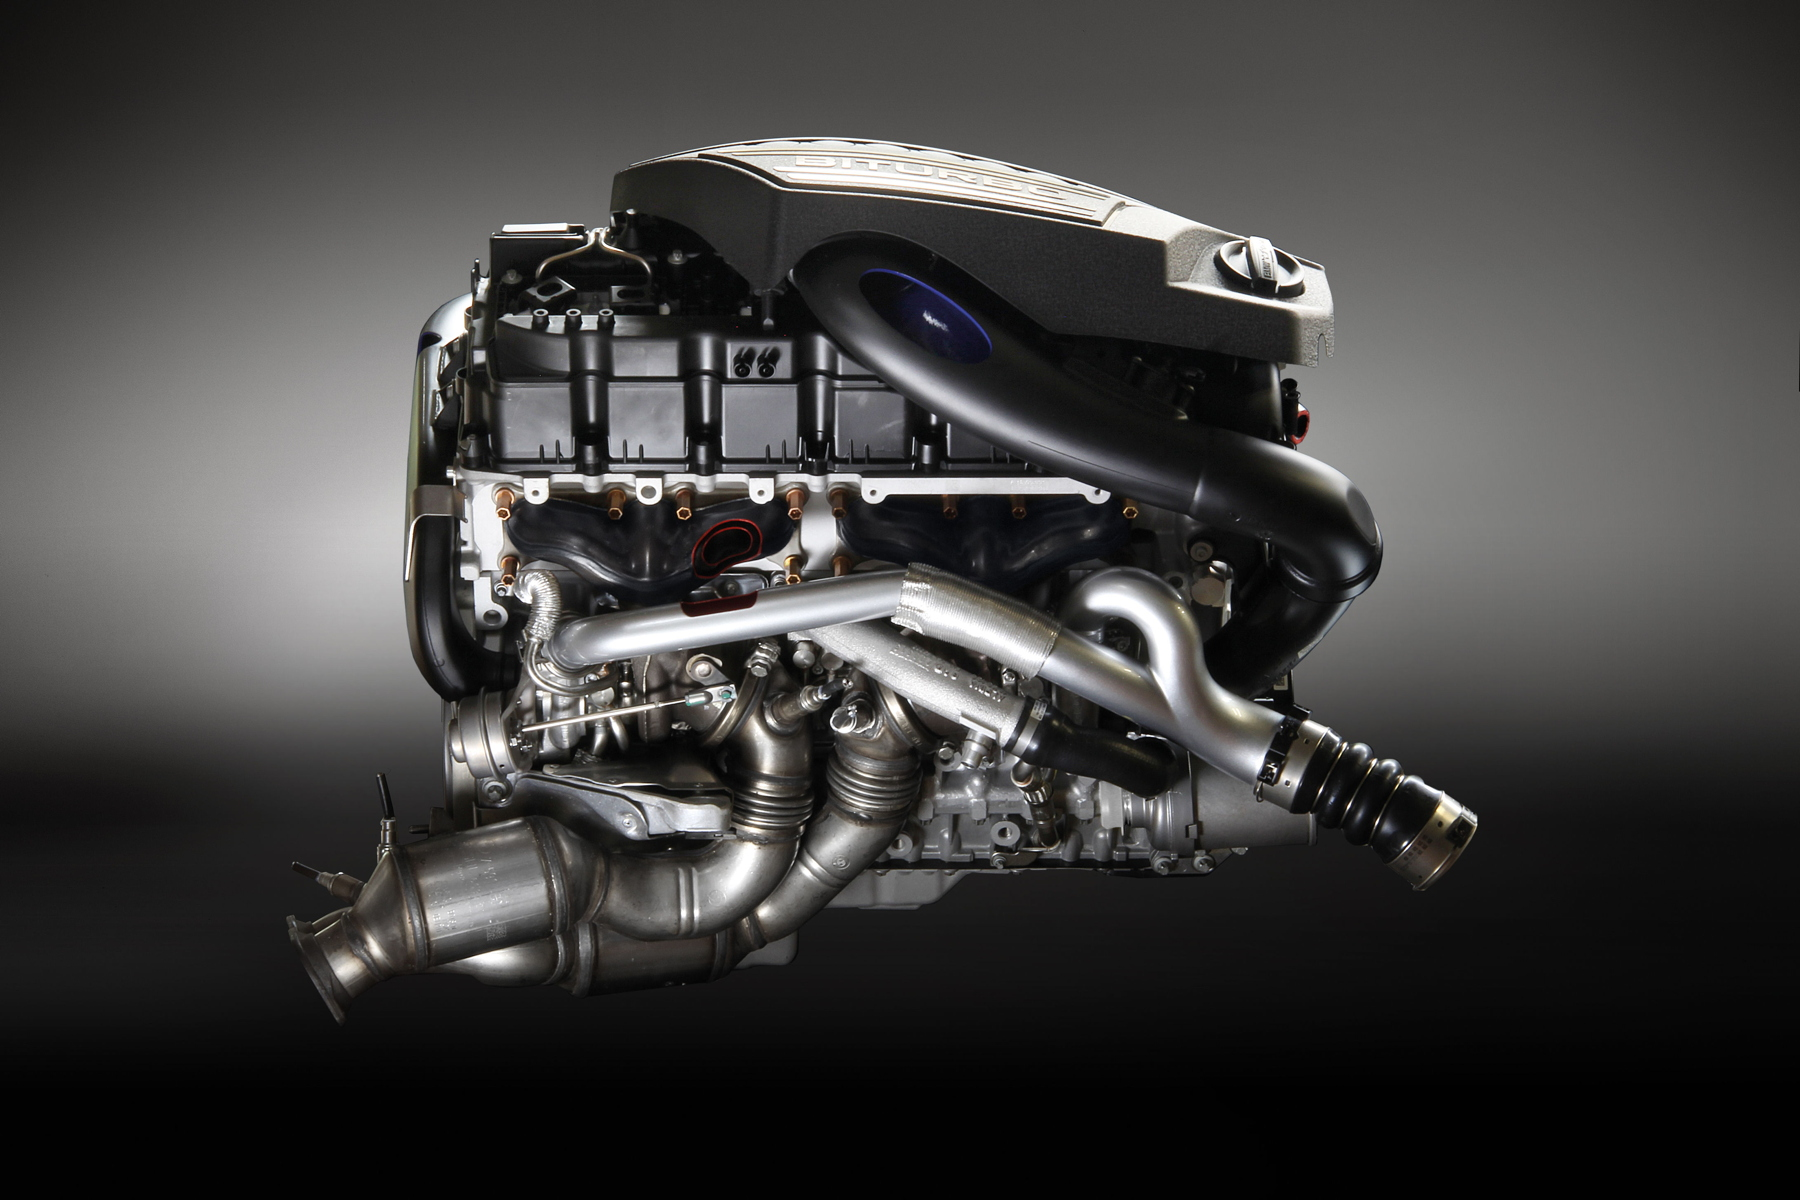 Alpina B4 S Bi-Turbo engine